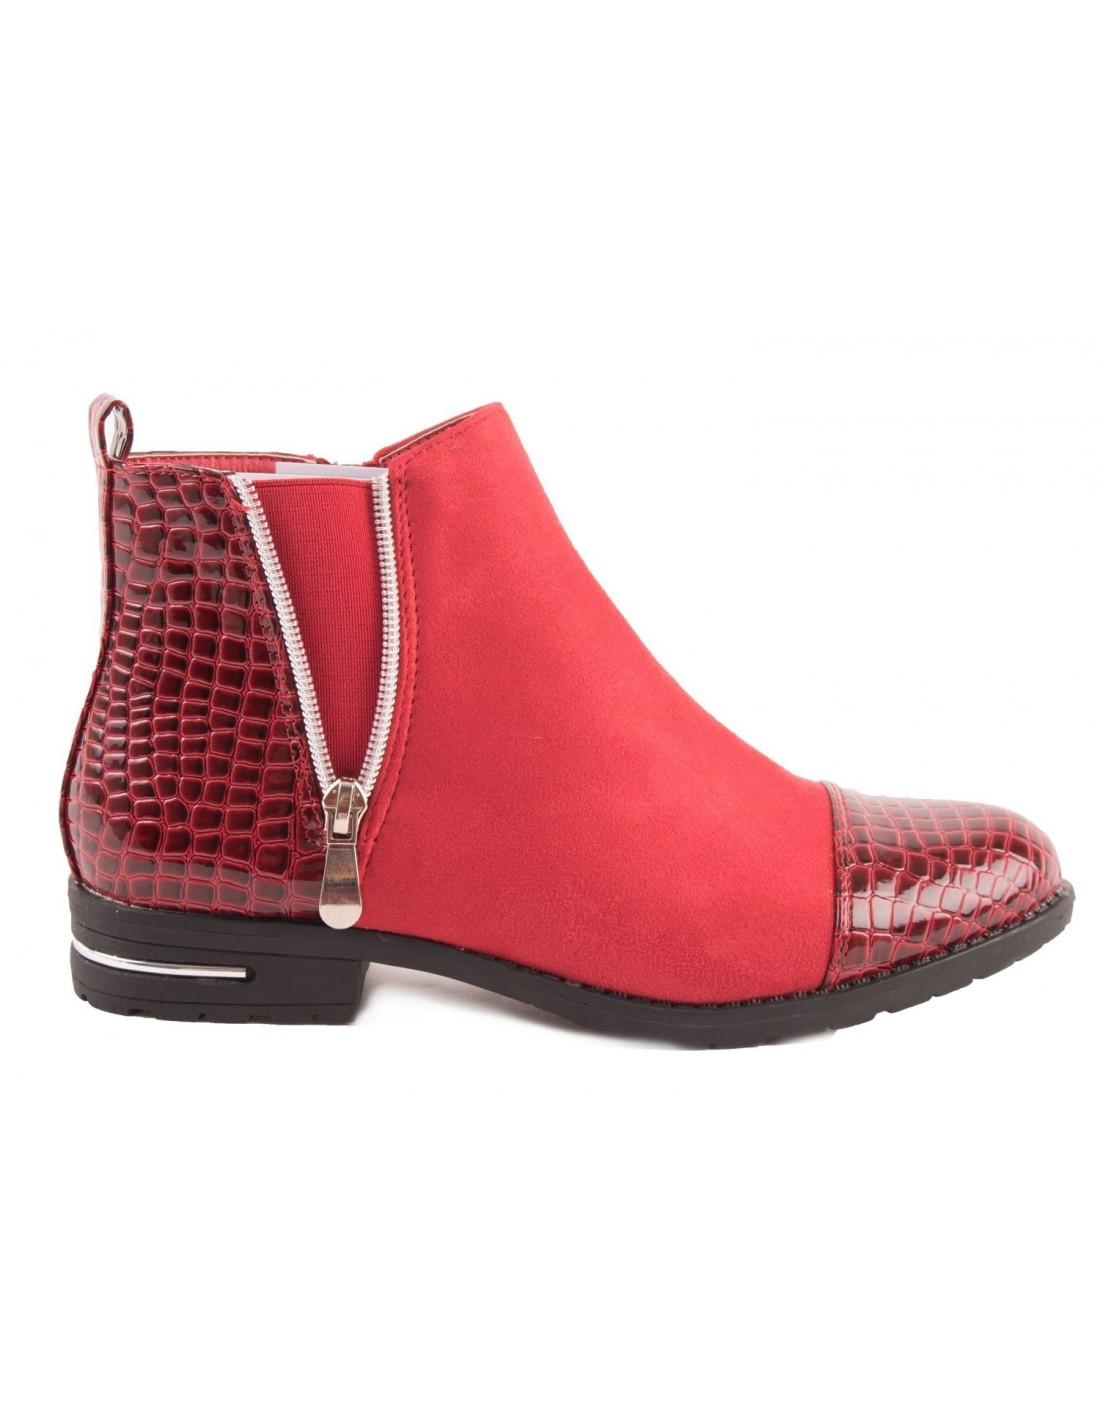 Bottines Femme croco simili Cuir & daim à zip| Noir Rouge ou